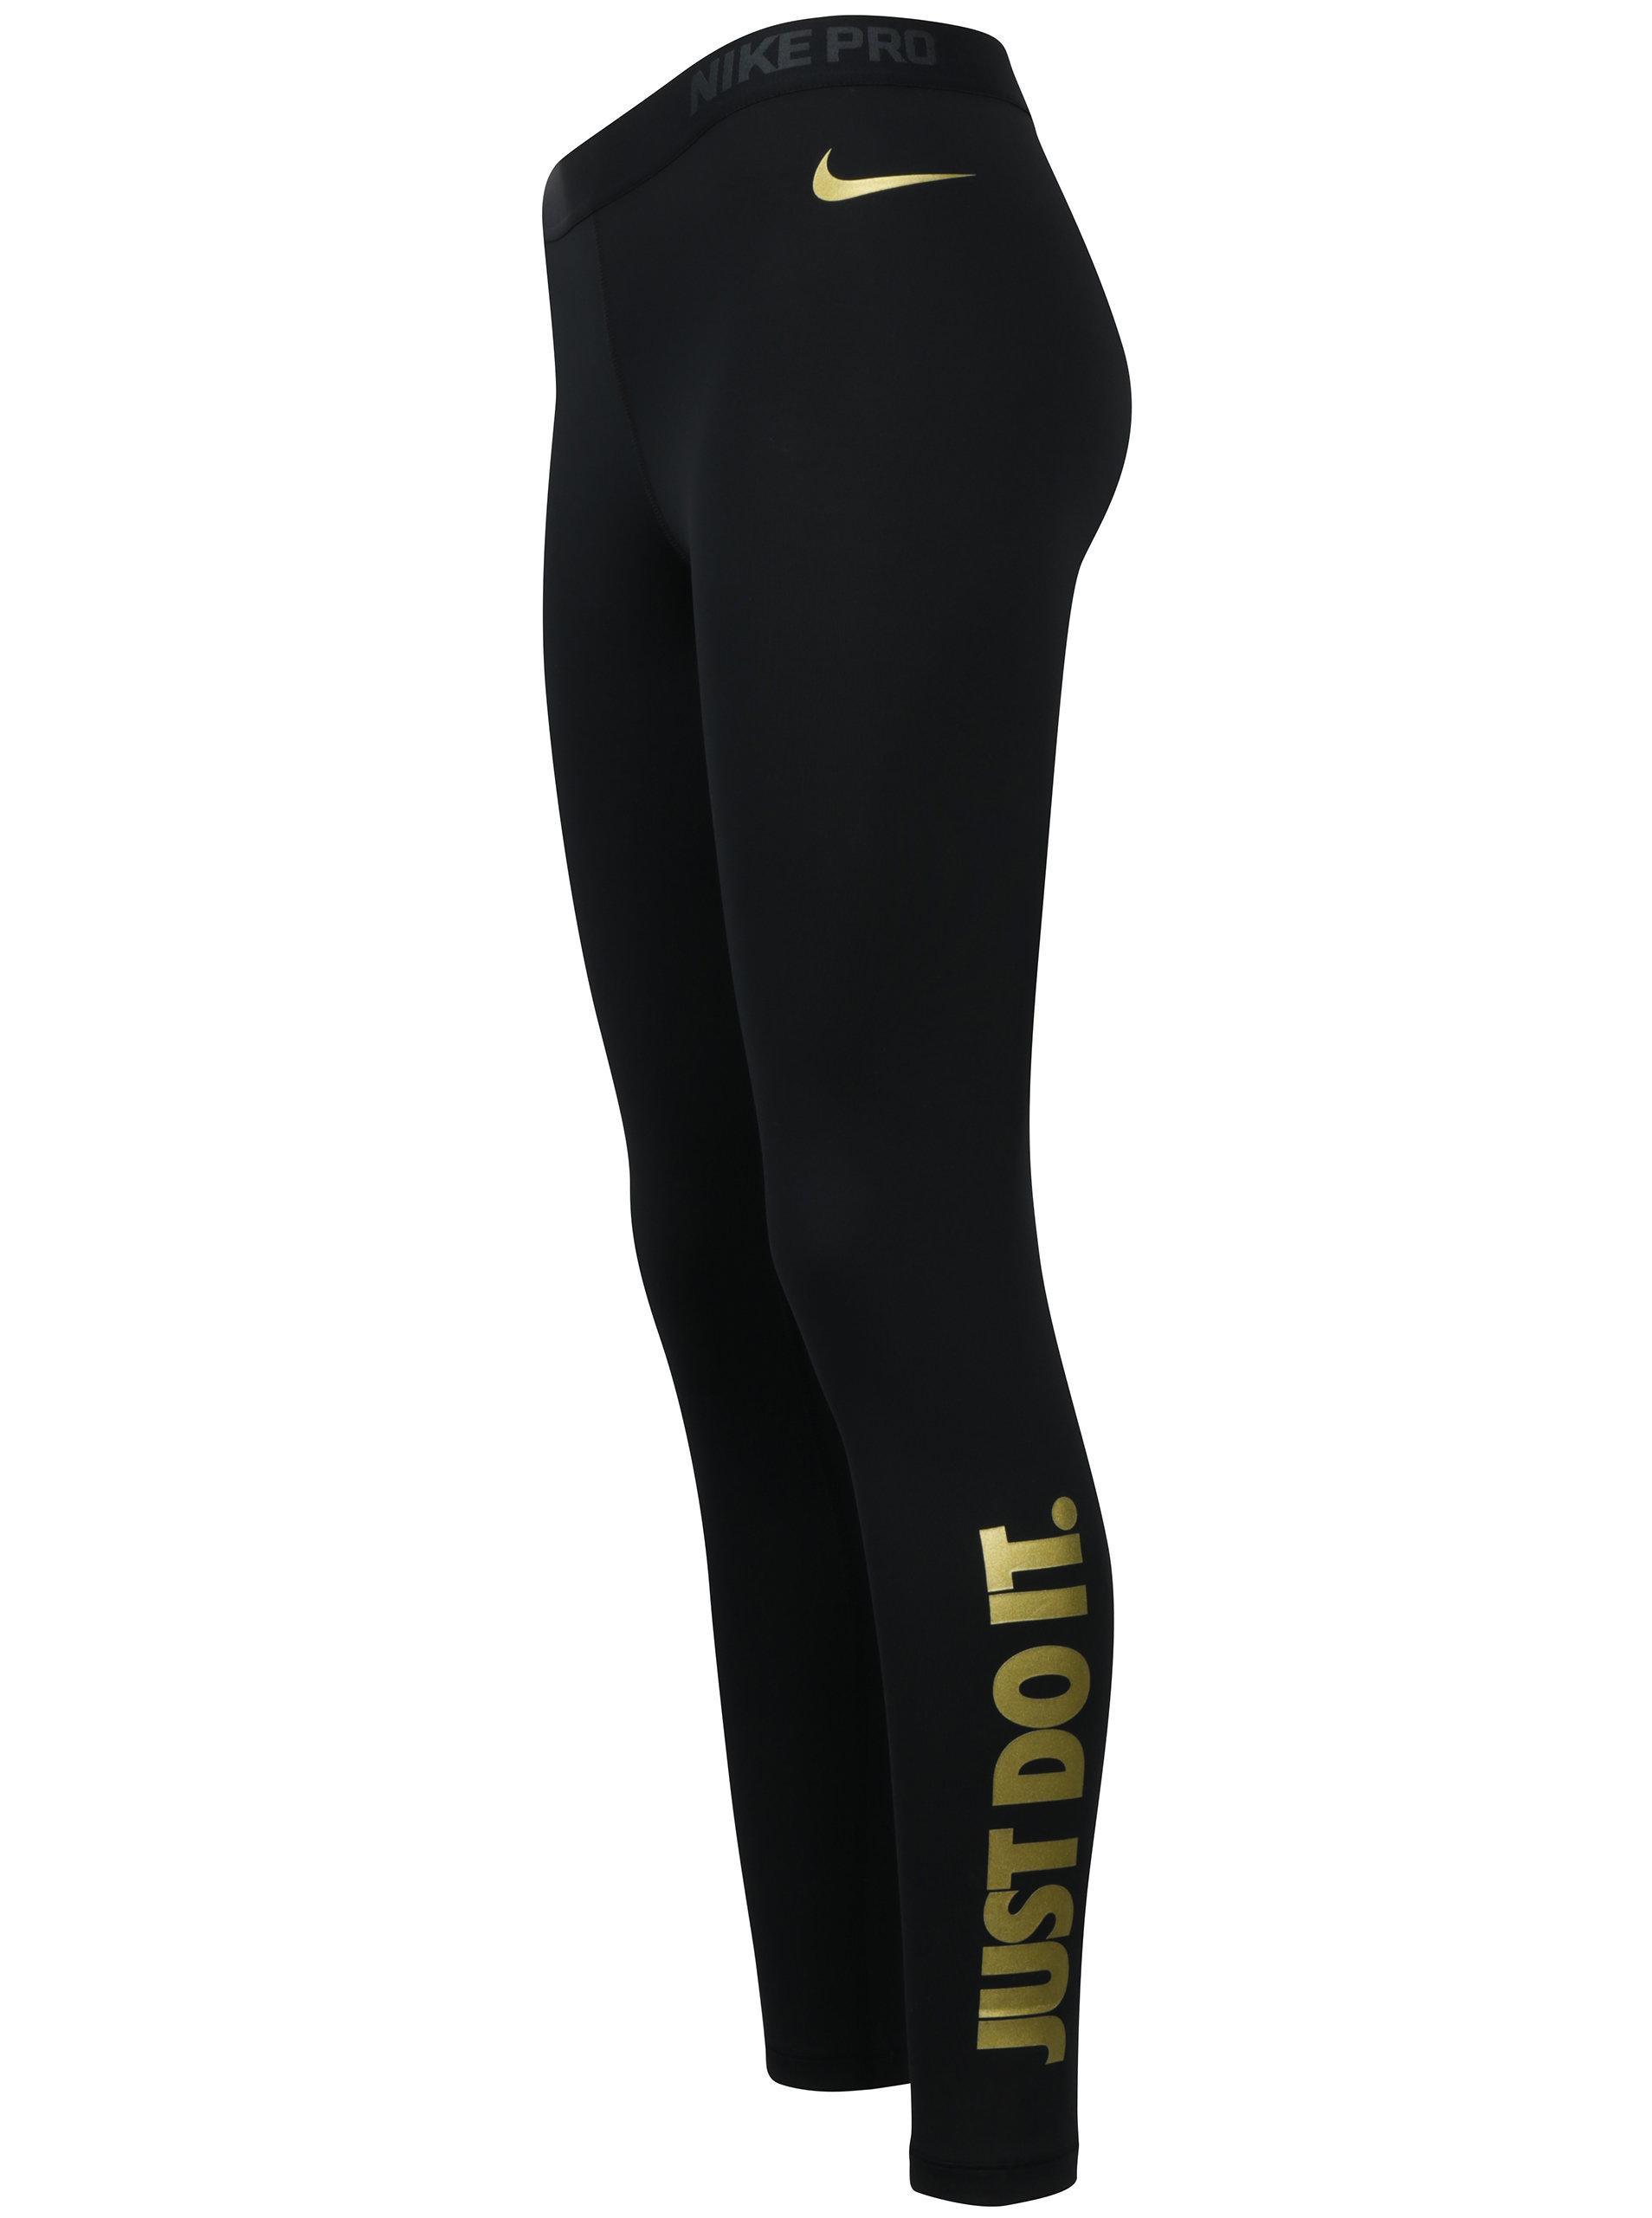 Černé dámské funkční legíny s potiskem ve zlaté barvě Nike ... eb5b736e18